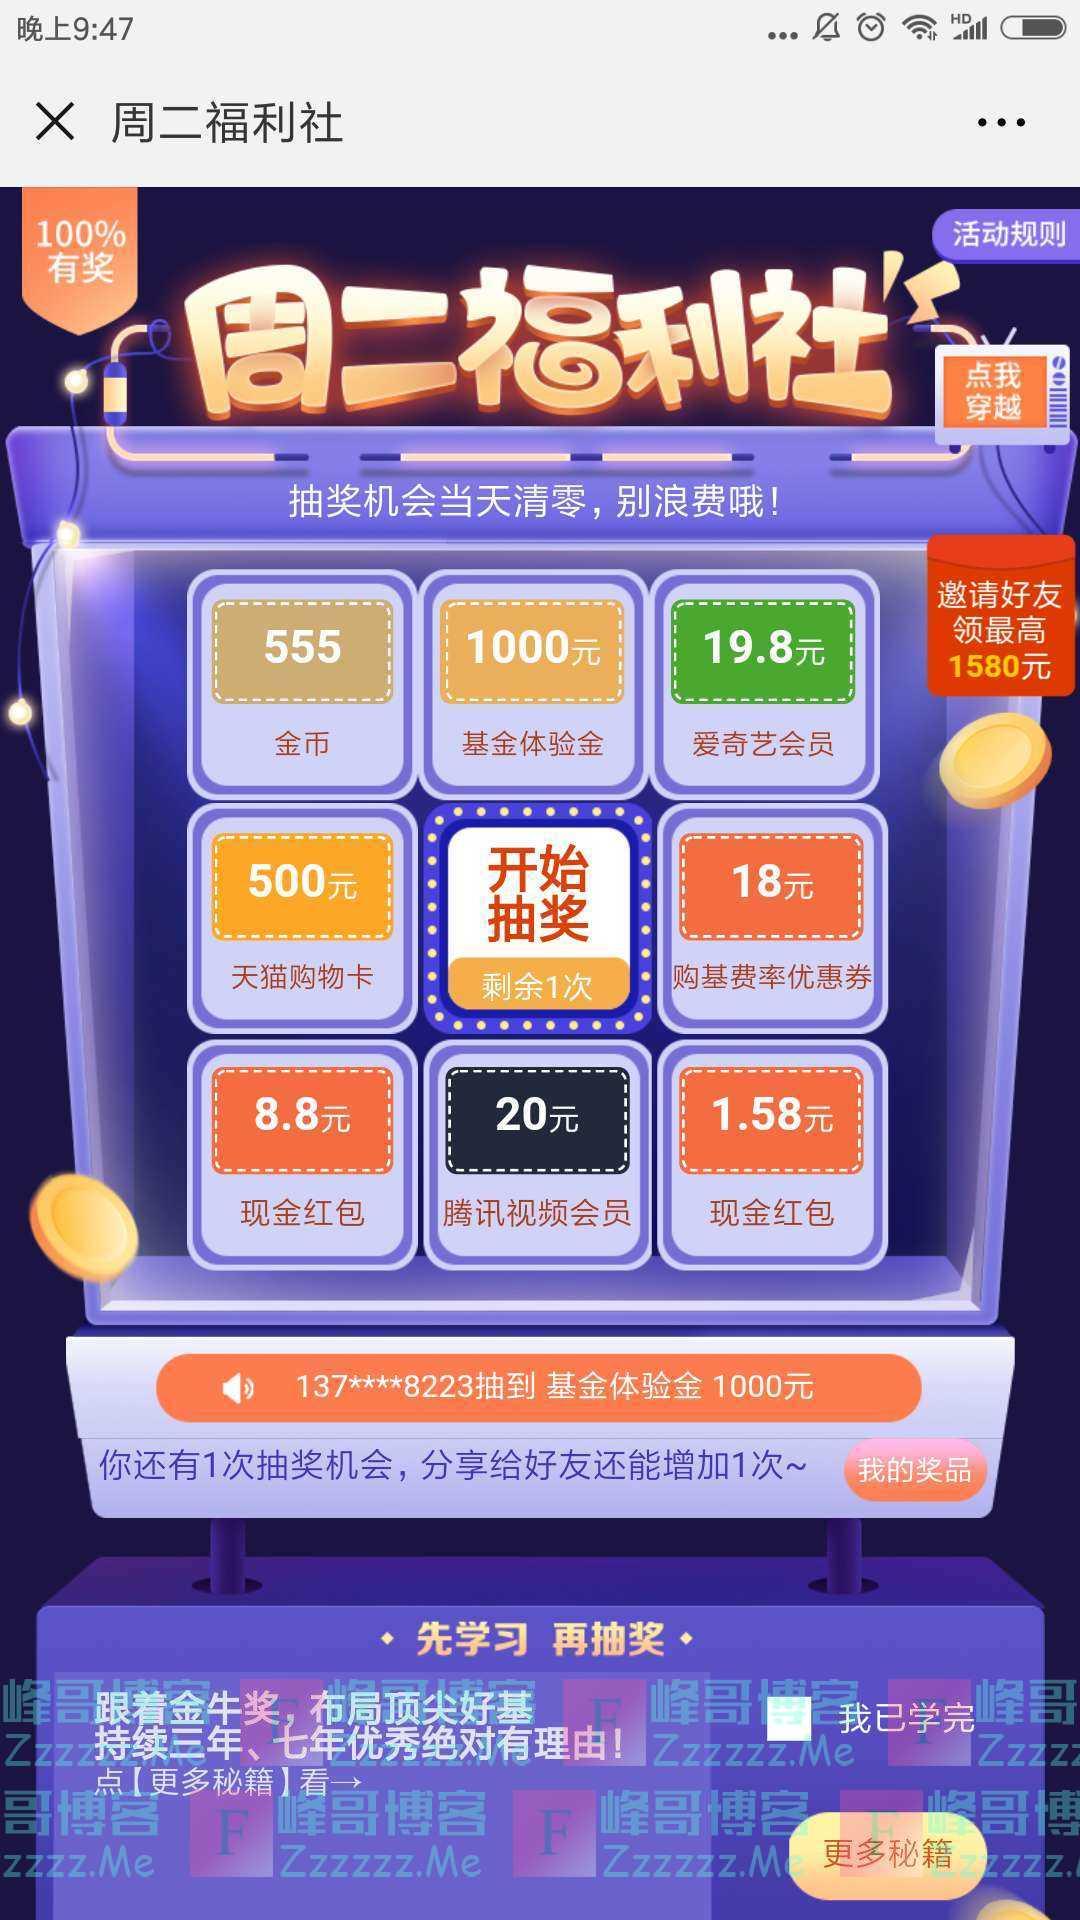 中欧基金钱滚滚福利社抽奖(截止4月14日)